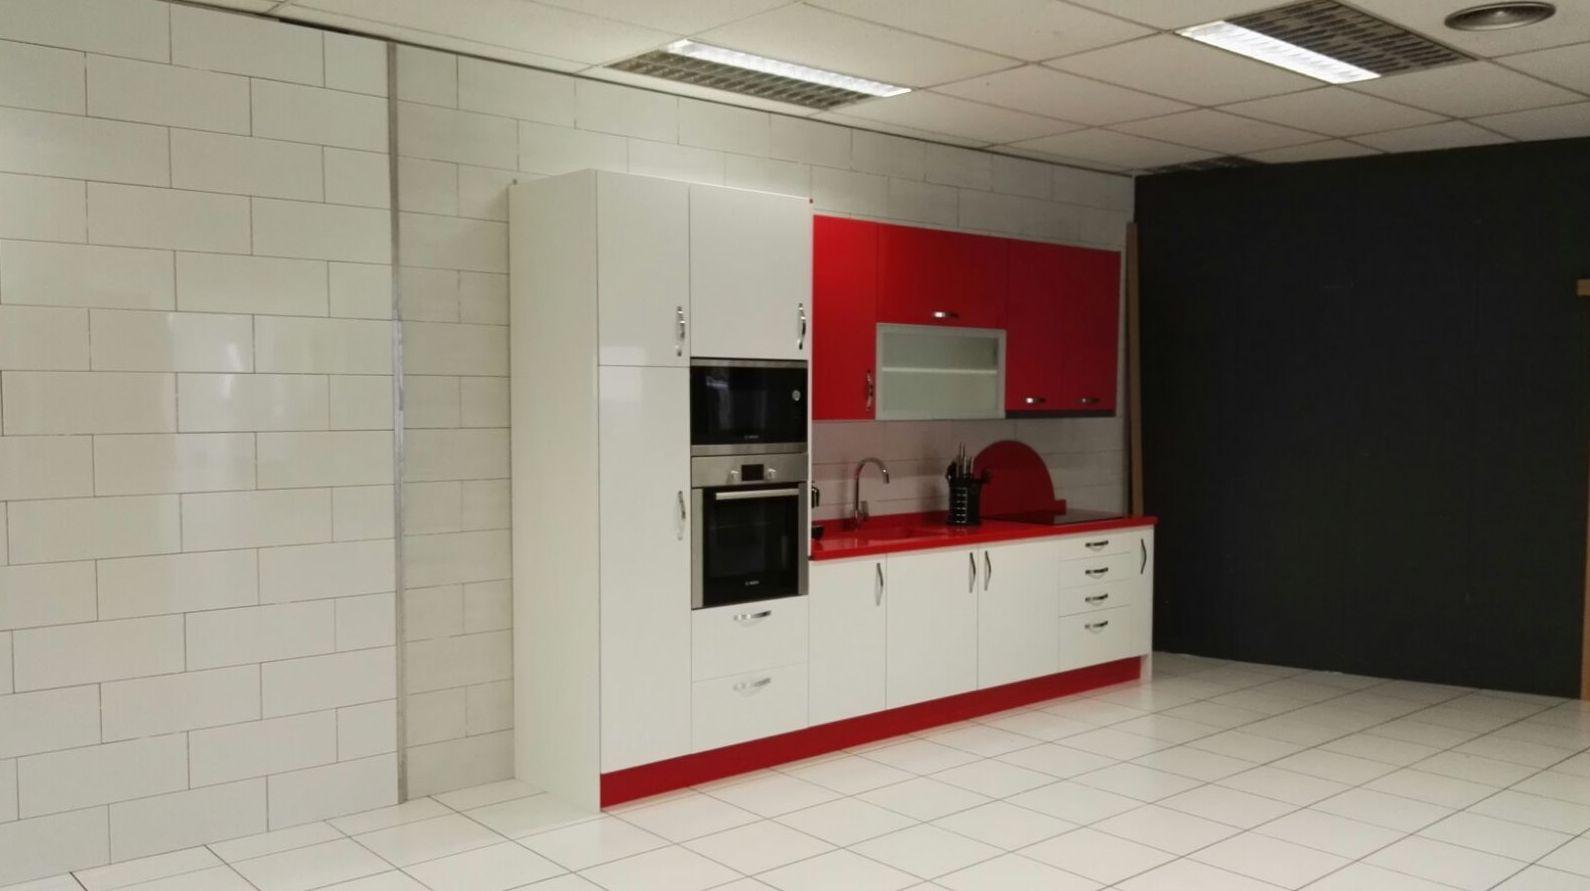 Foto 7 de Reformas en baños y cocinas en León | F. Alba, cocinas y baños